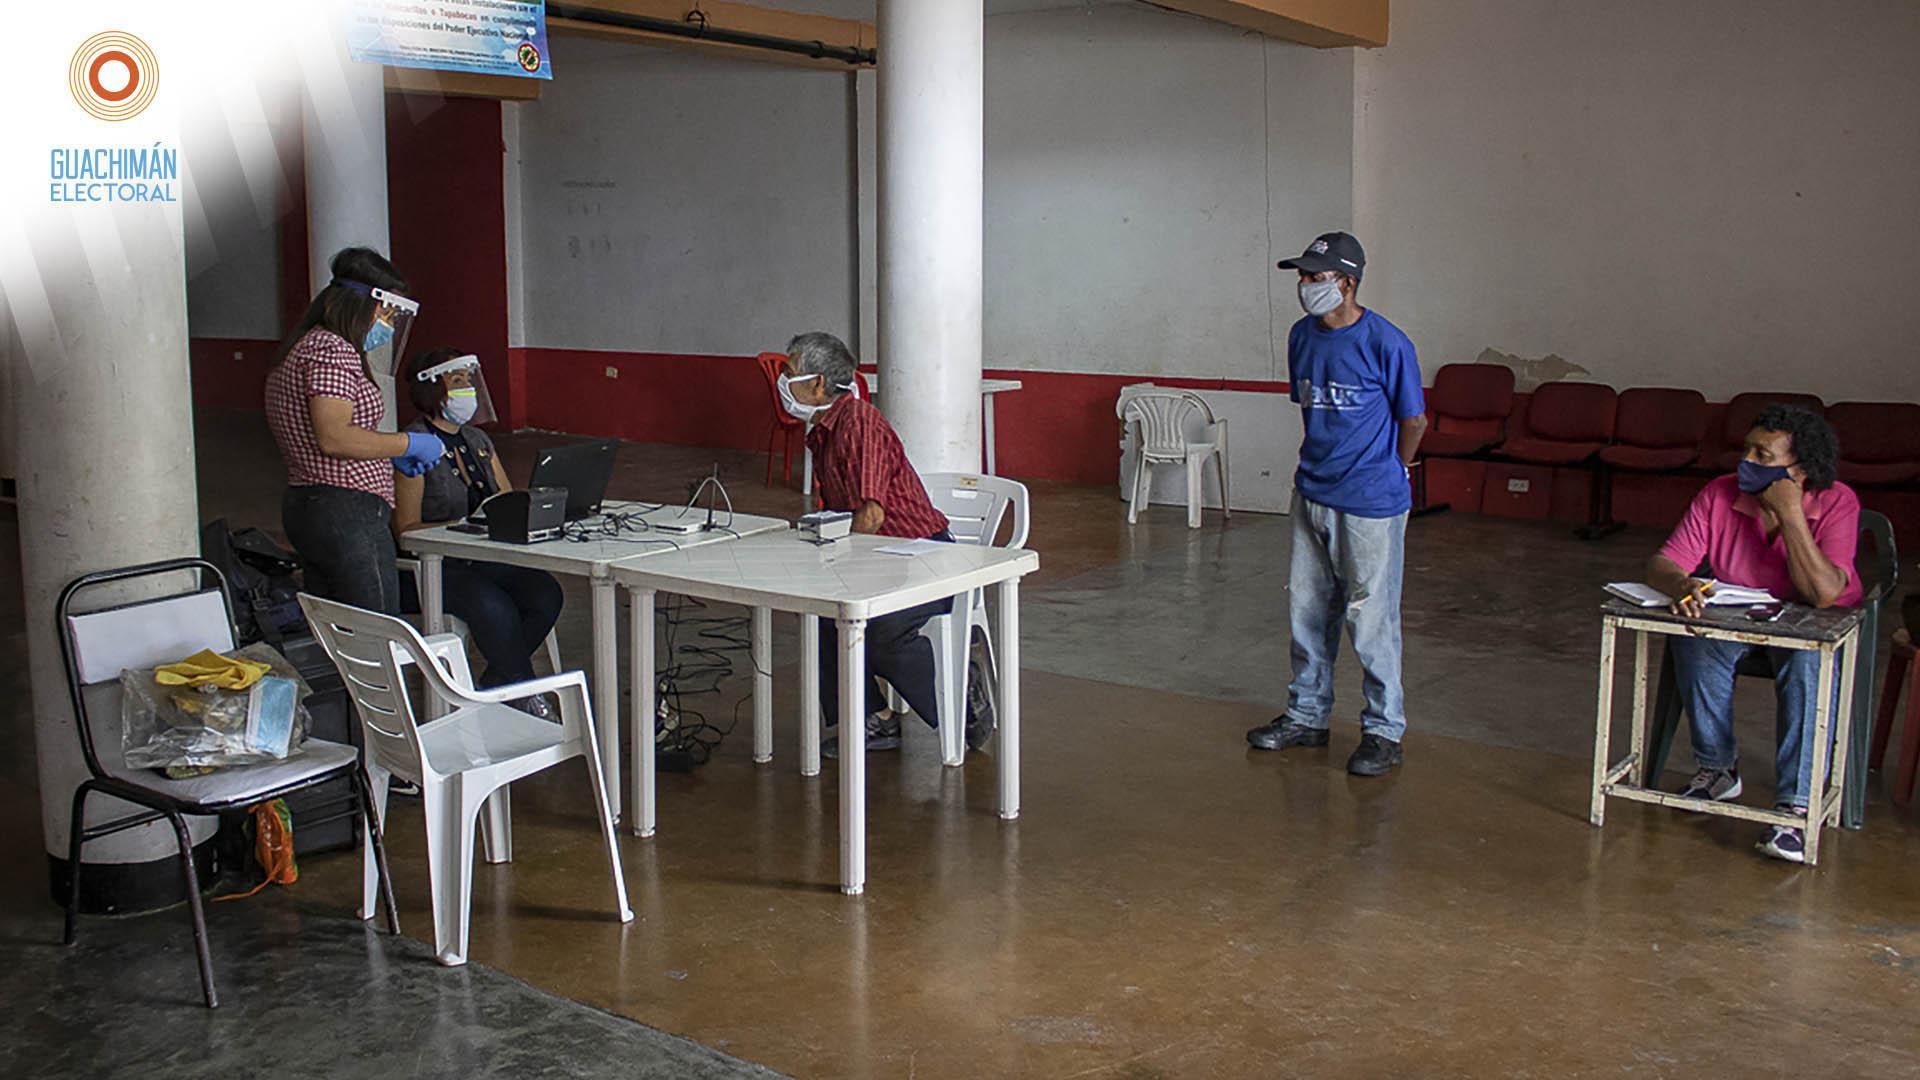 #GuachimánElectoral | Propuesta de extender jornada de votación suma más incertidumbre al sistema venezolano